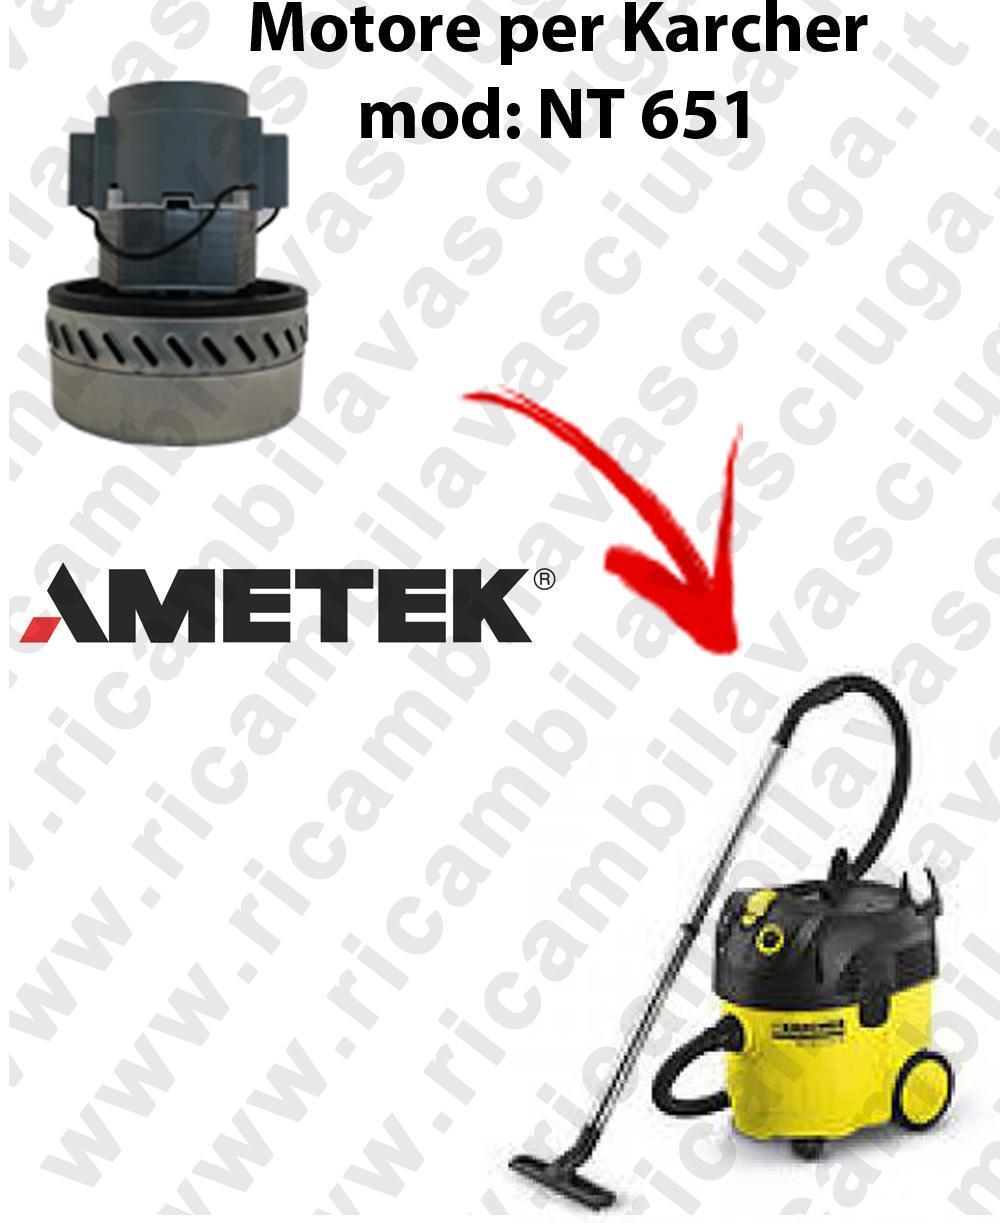 NT 651 MOTEUR ASPIRATION AMETEK  pour aspirateur KARCHER